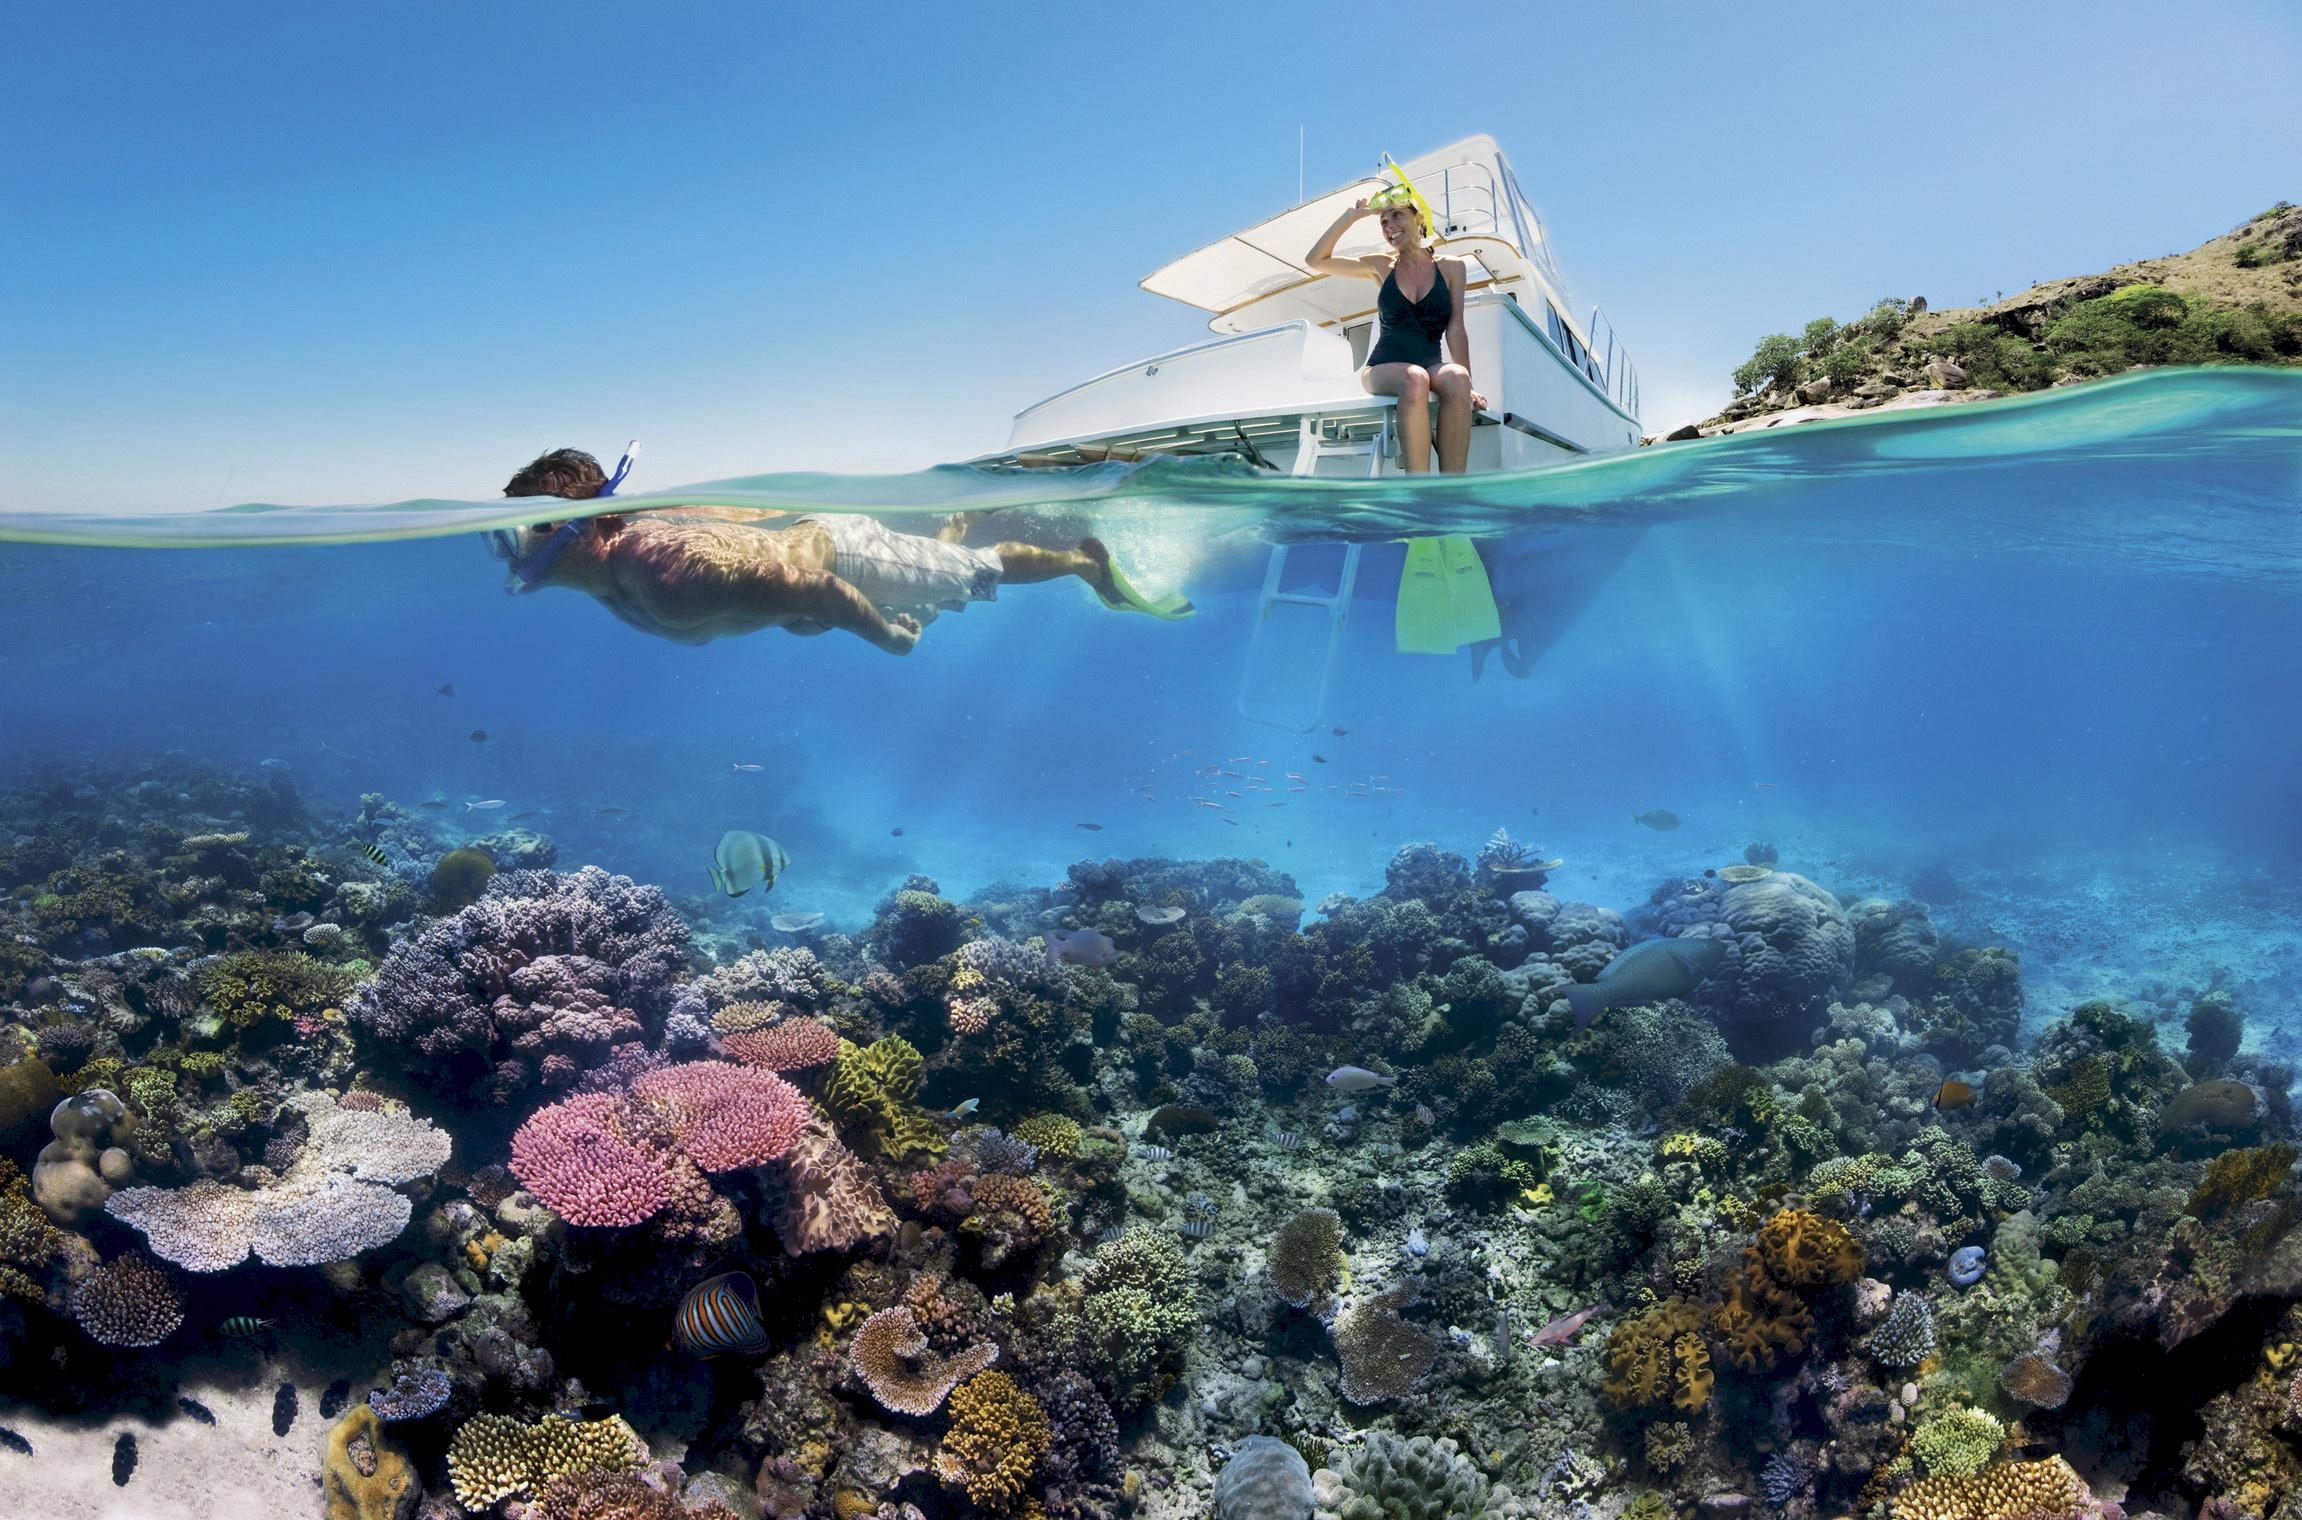 Det er lov å la seg friste av dette...                       Foto: Australiareiser